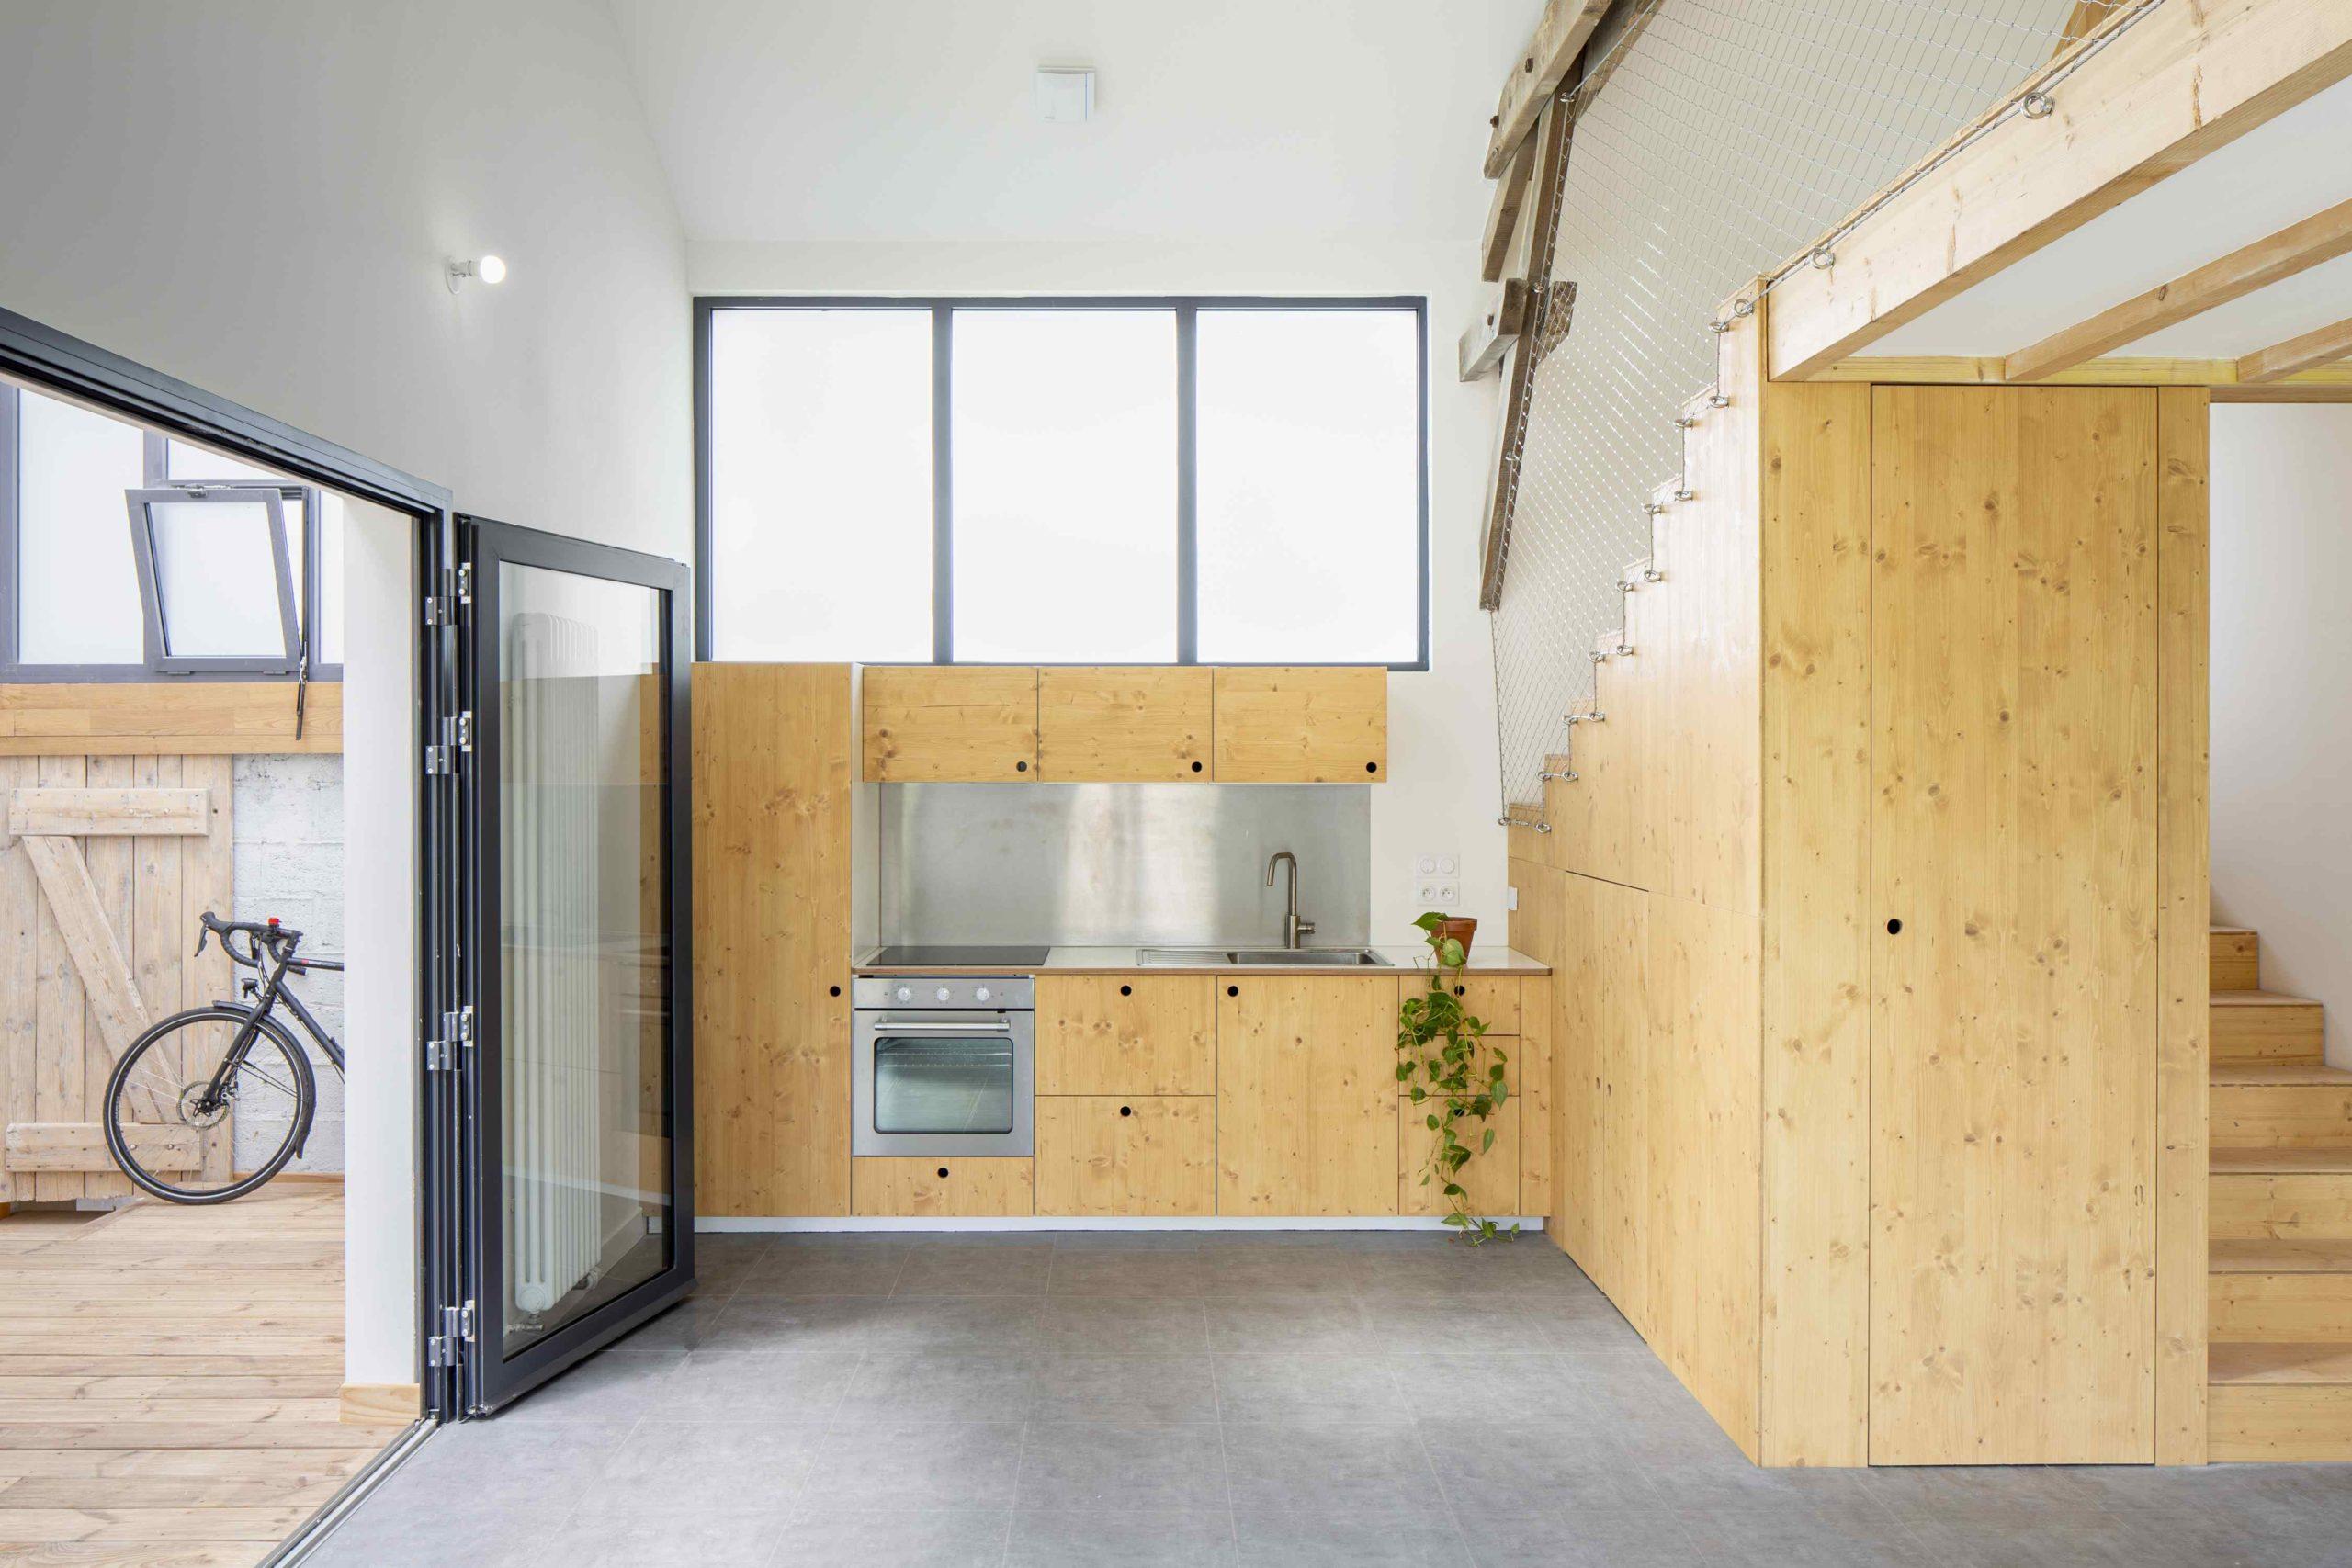 Drevěná kuchyň a velká okna nad ní